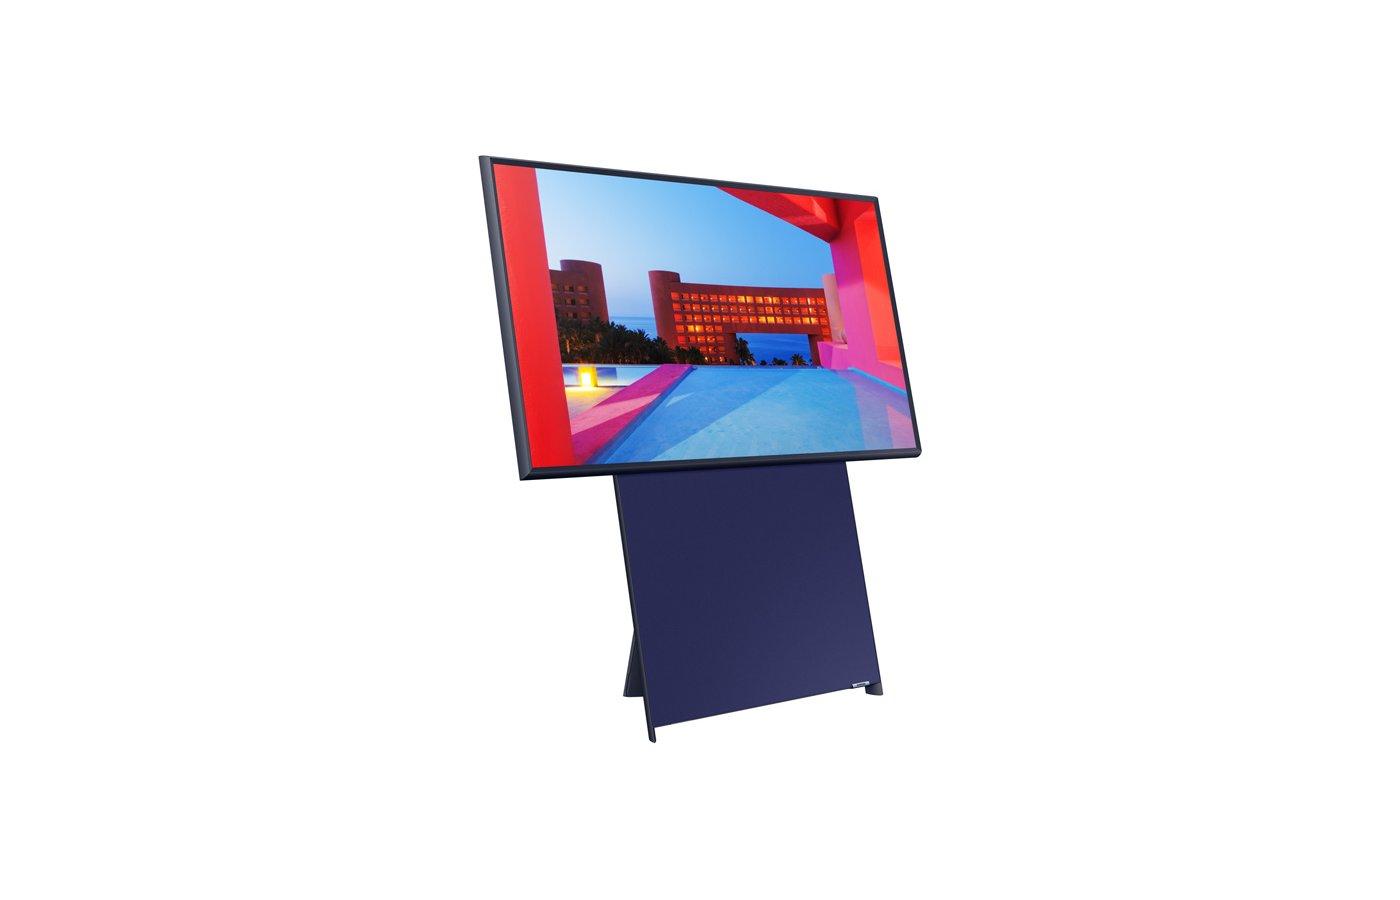 Телевизор QLED Samsung The Sero QE43LS05TAU 43″ (2020), темно-синий